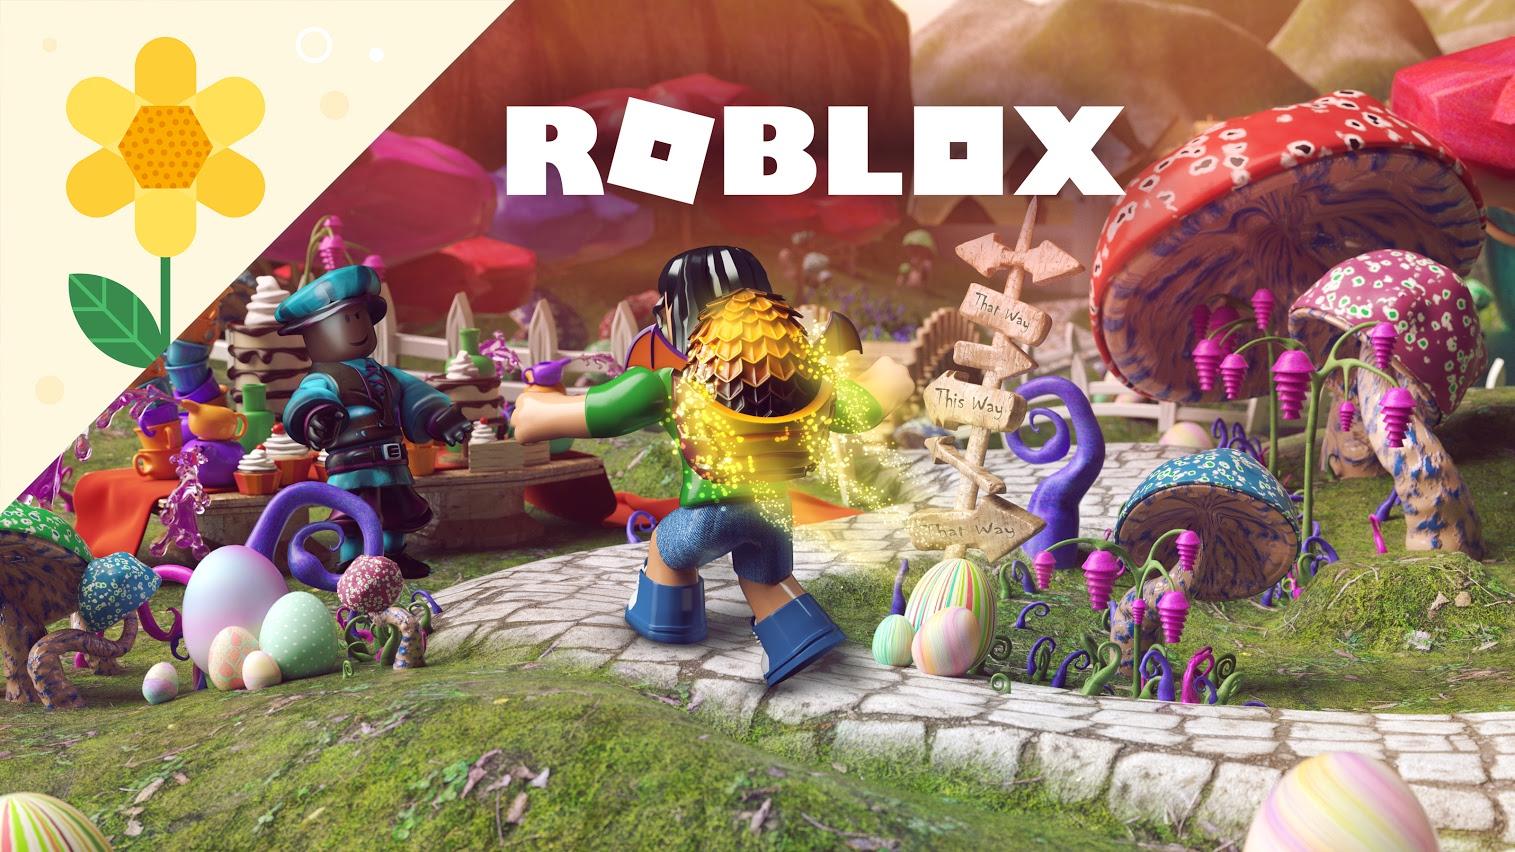 دانلود رایگان بازی ROBLOX v2.331.191386 - بازی روبلکس، مجموعه بازیهای آنلاین برای اندروید و آی او اس